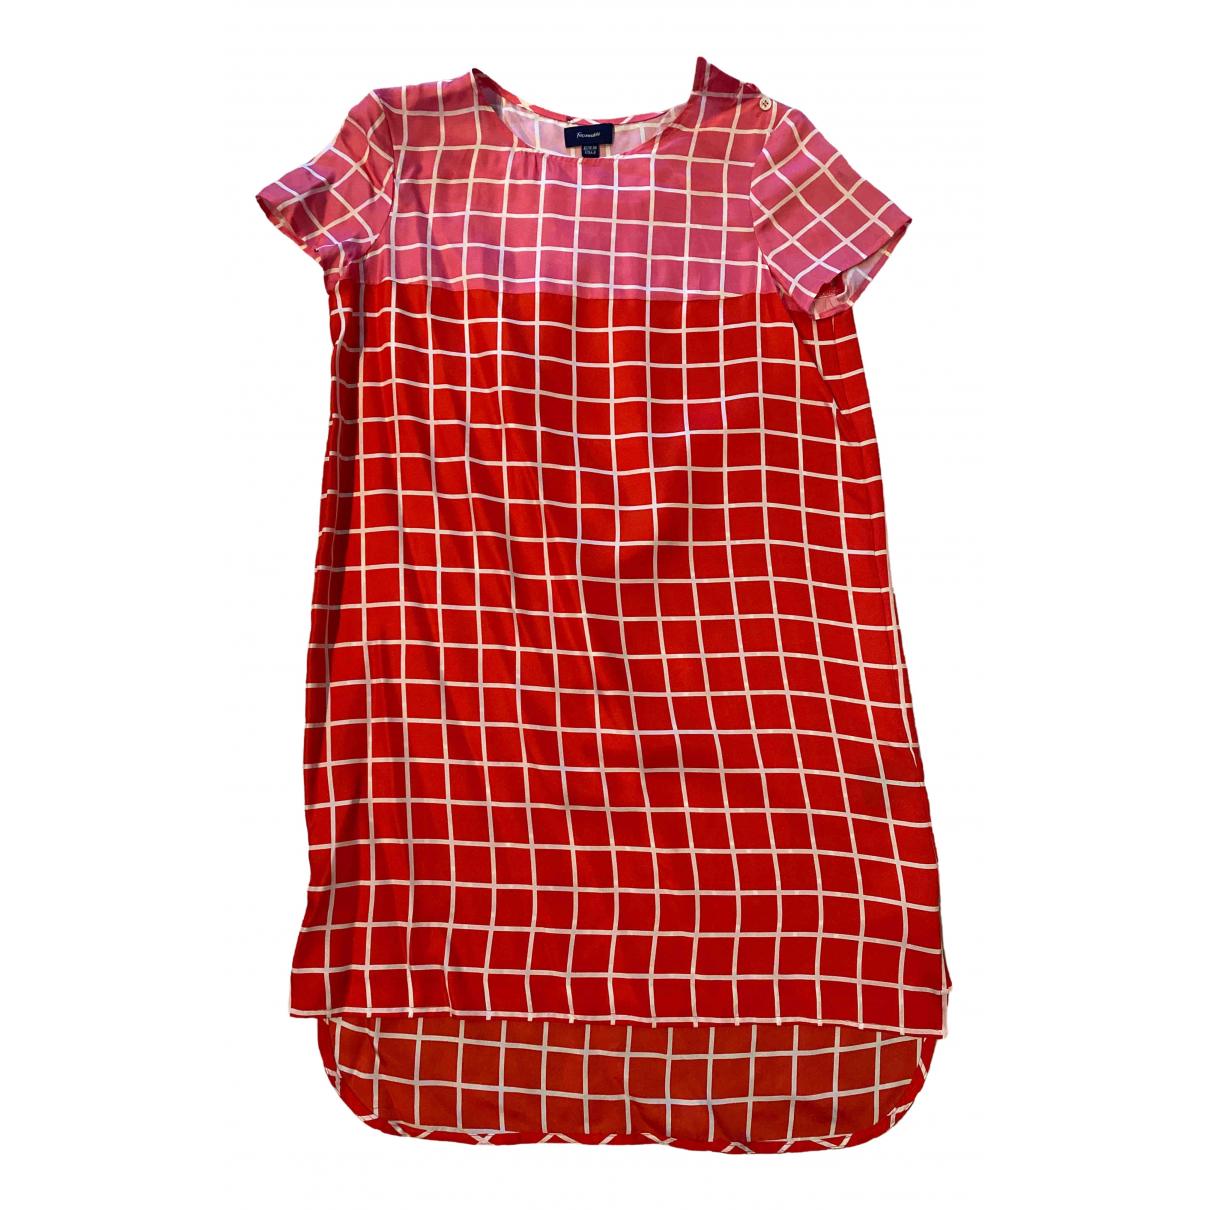 Faconnable \N Kleid in  Rot Seide